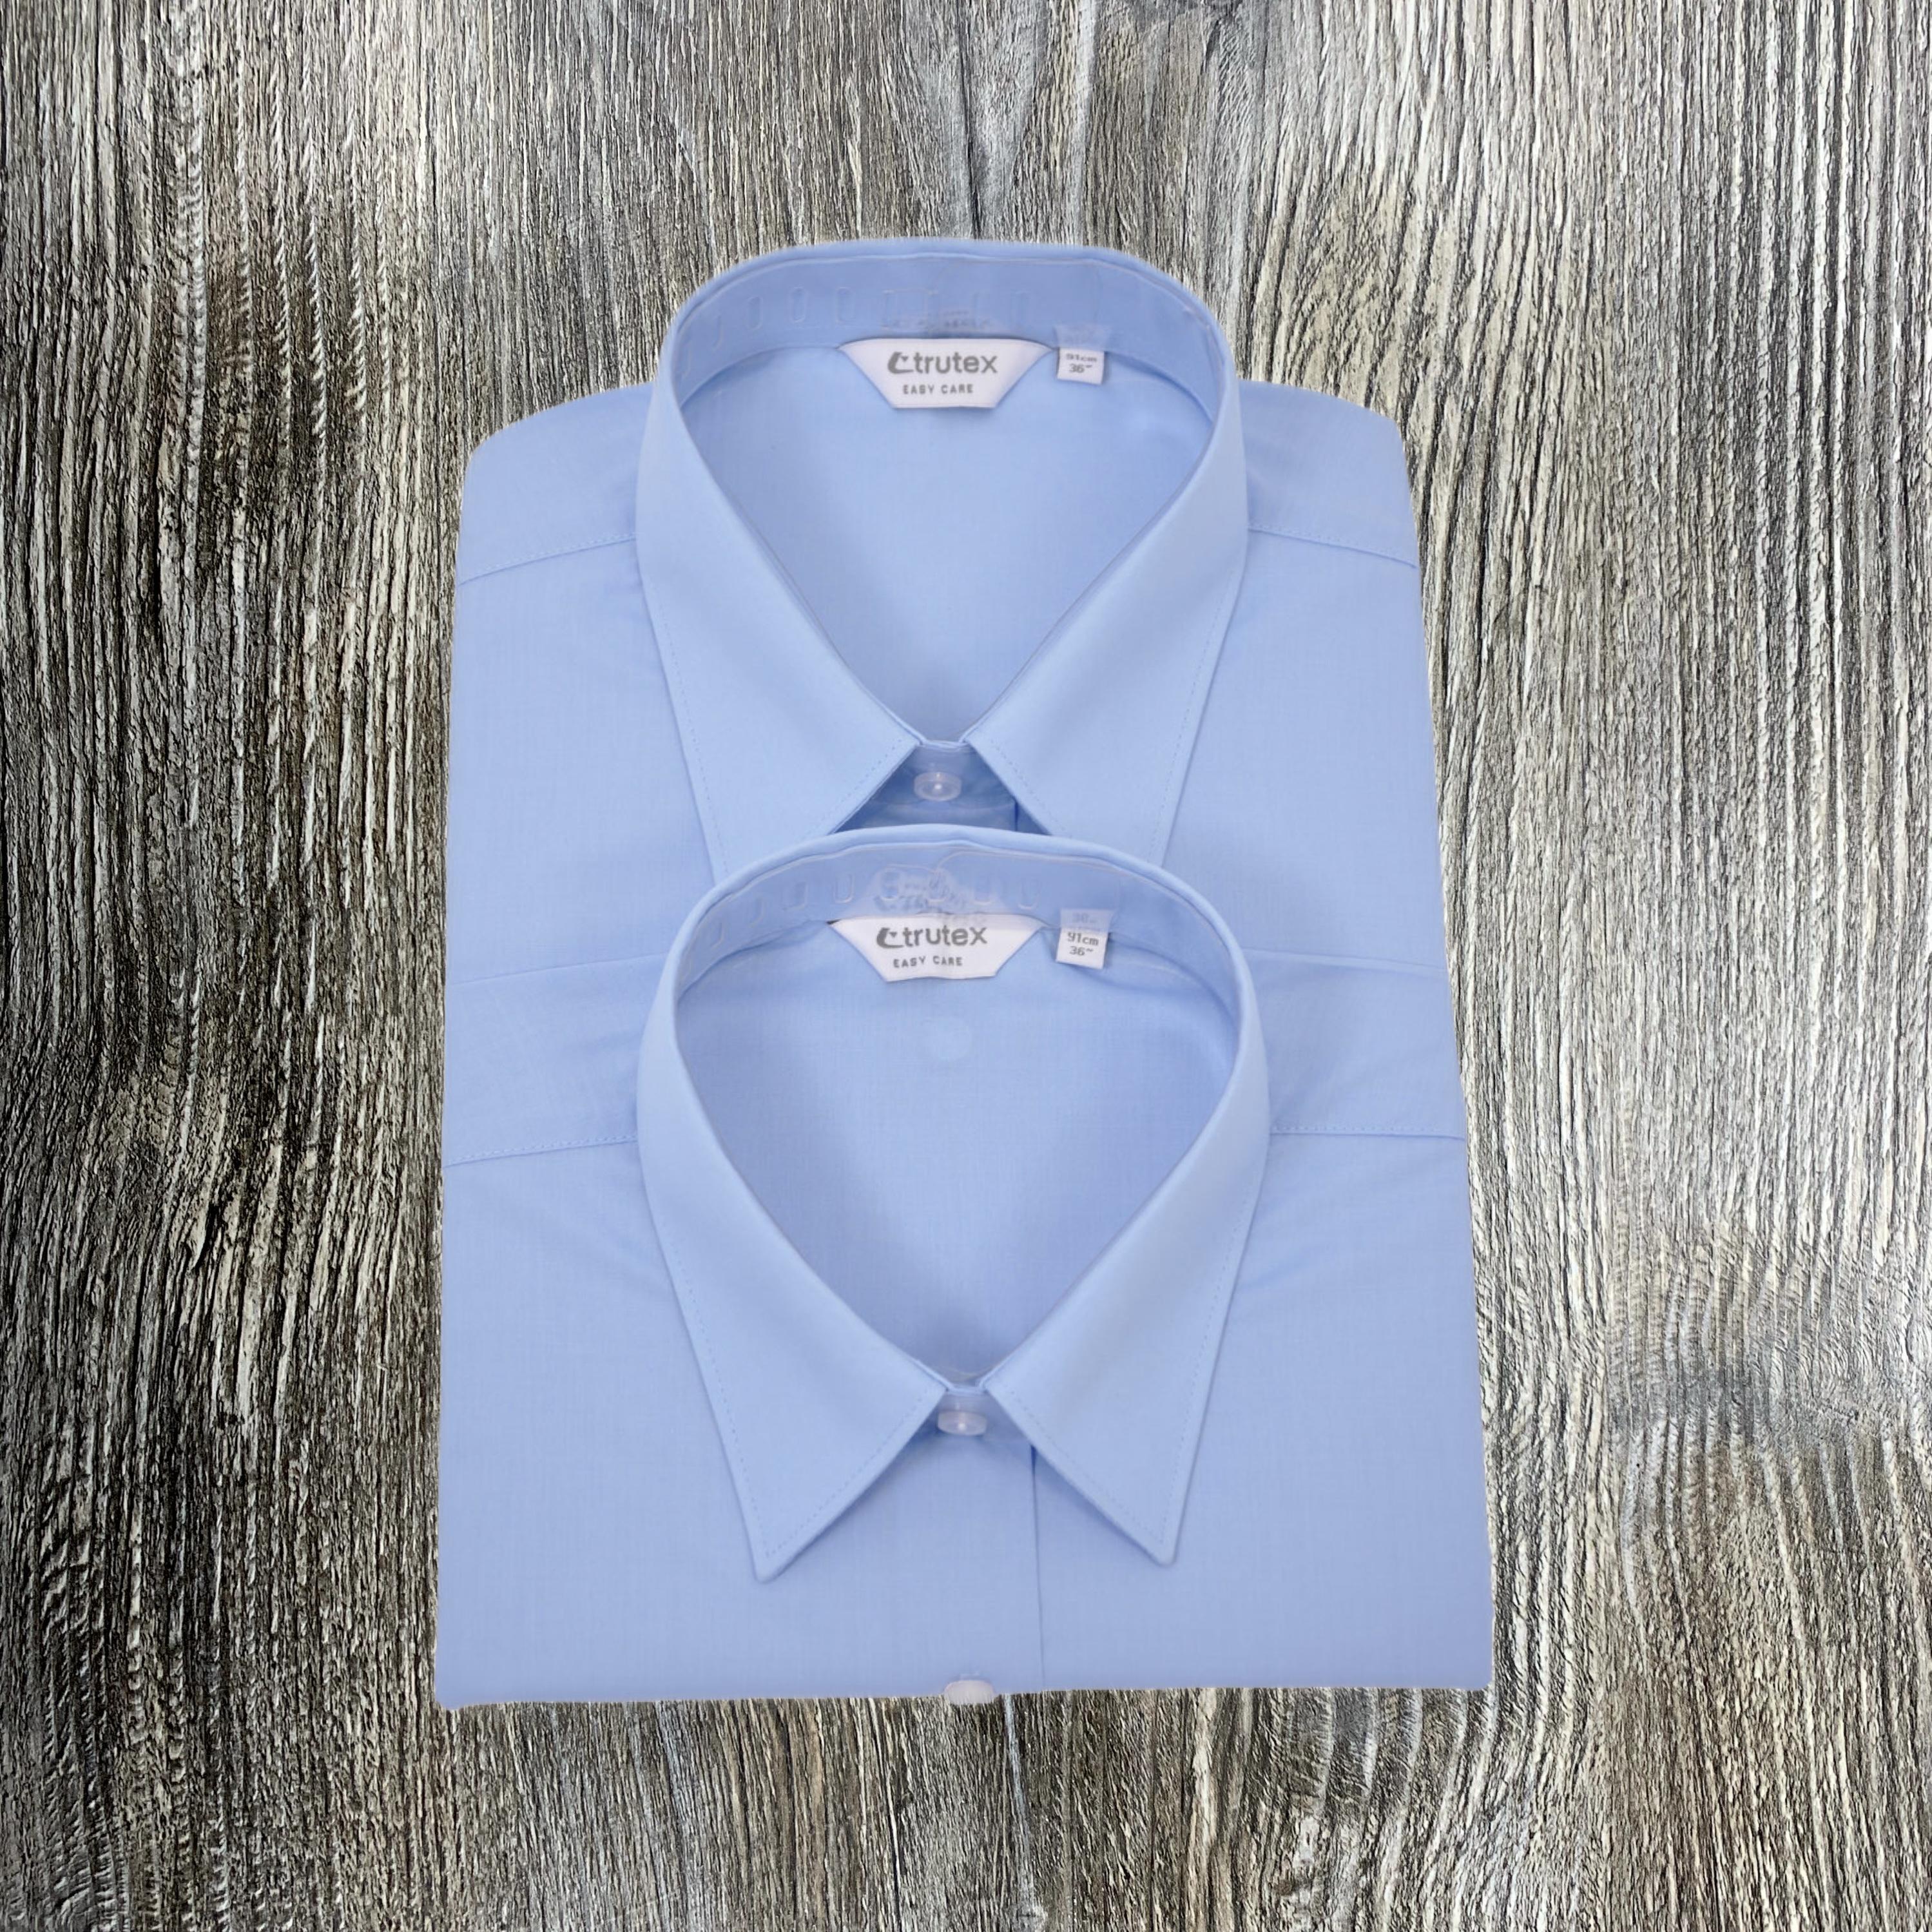 Blue Shirts - Trutex Twin Pack